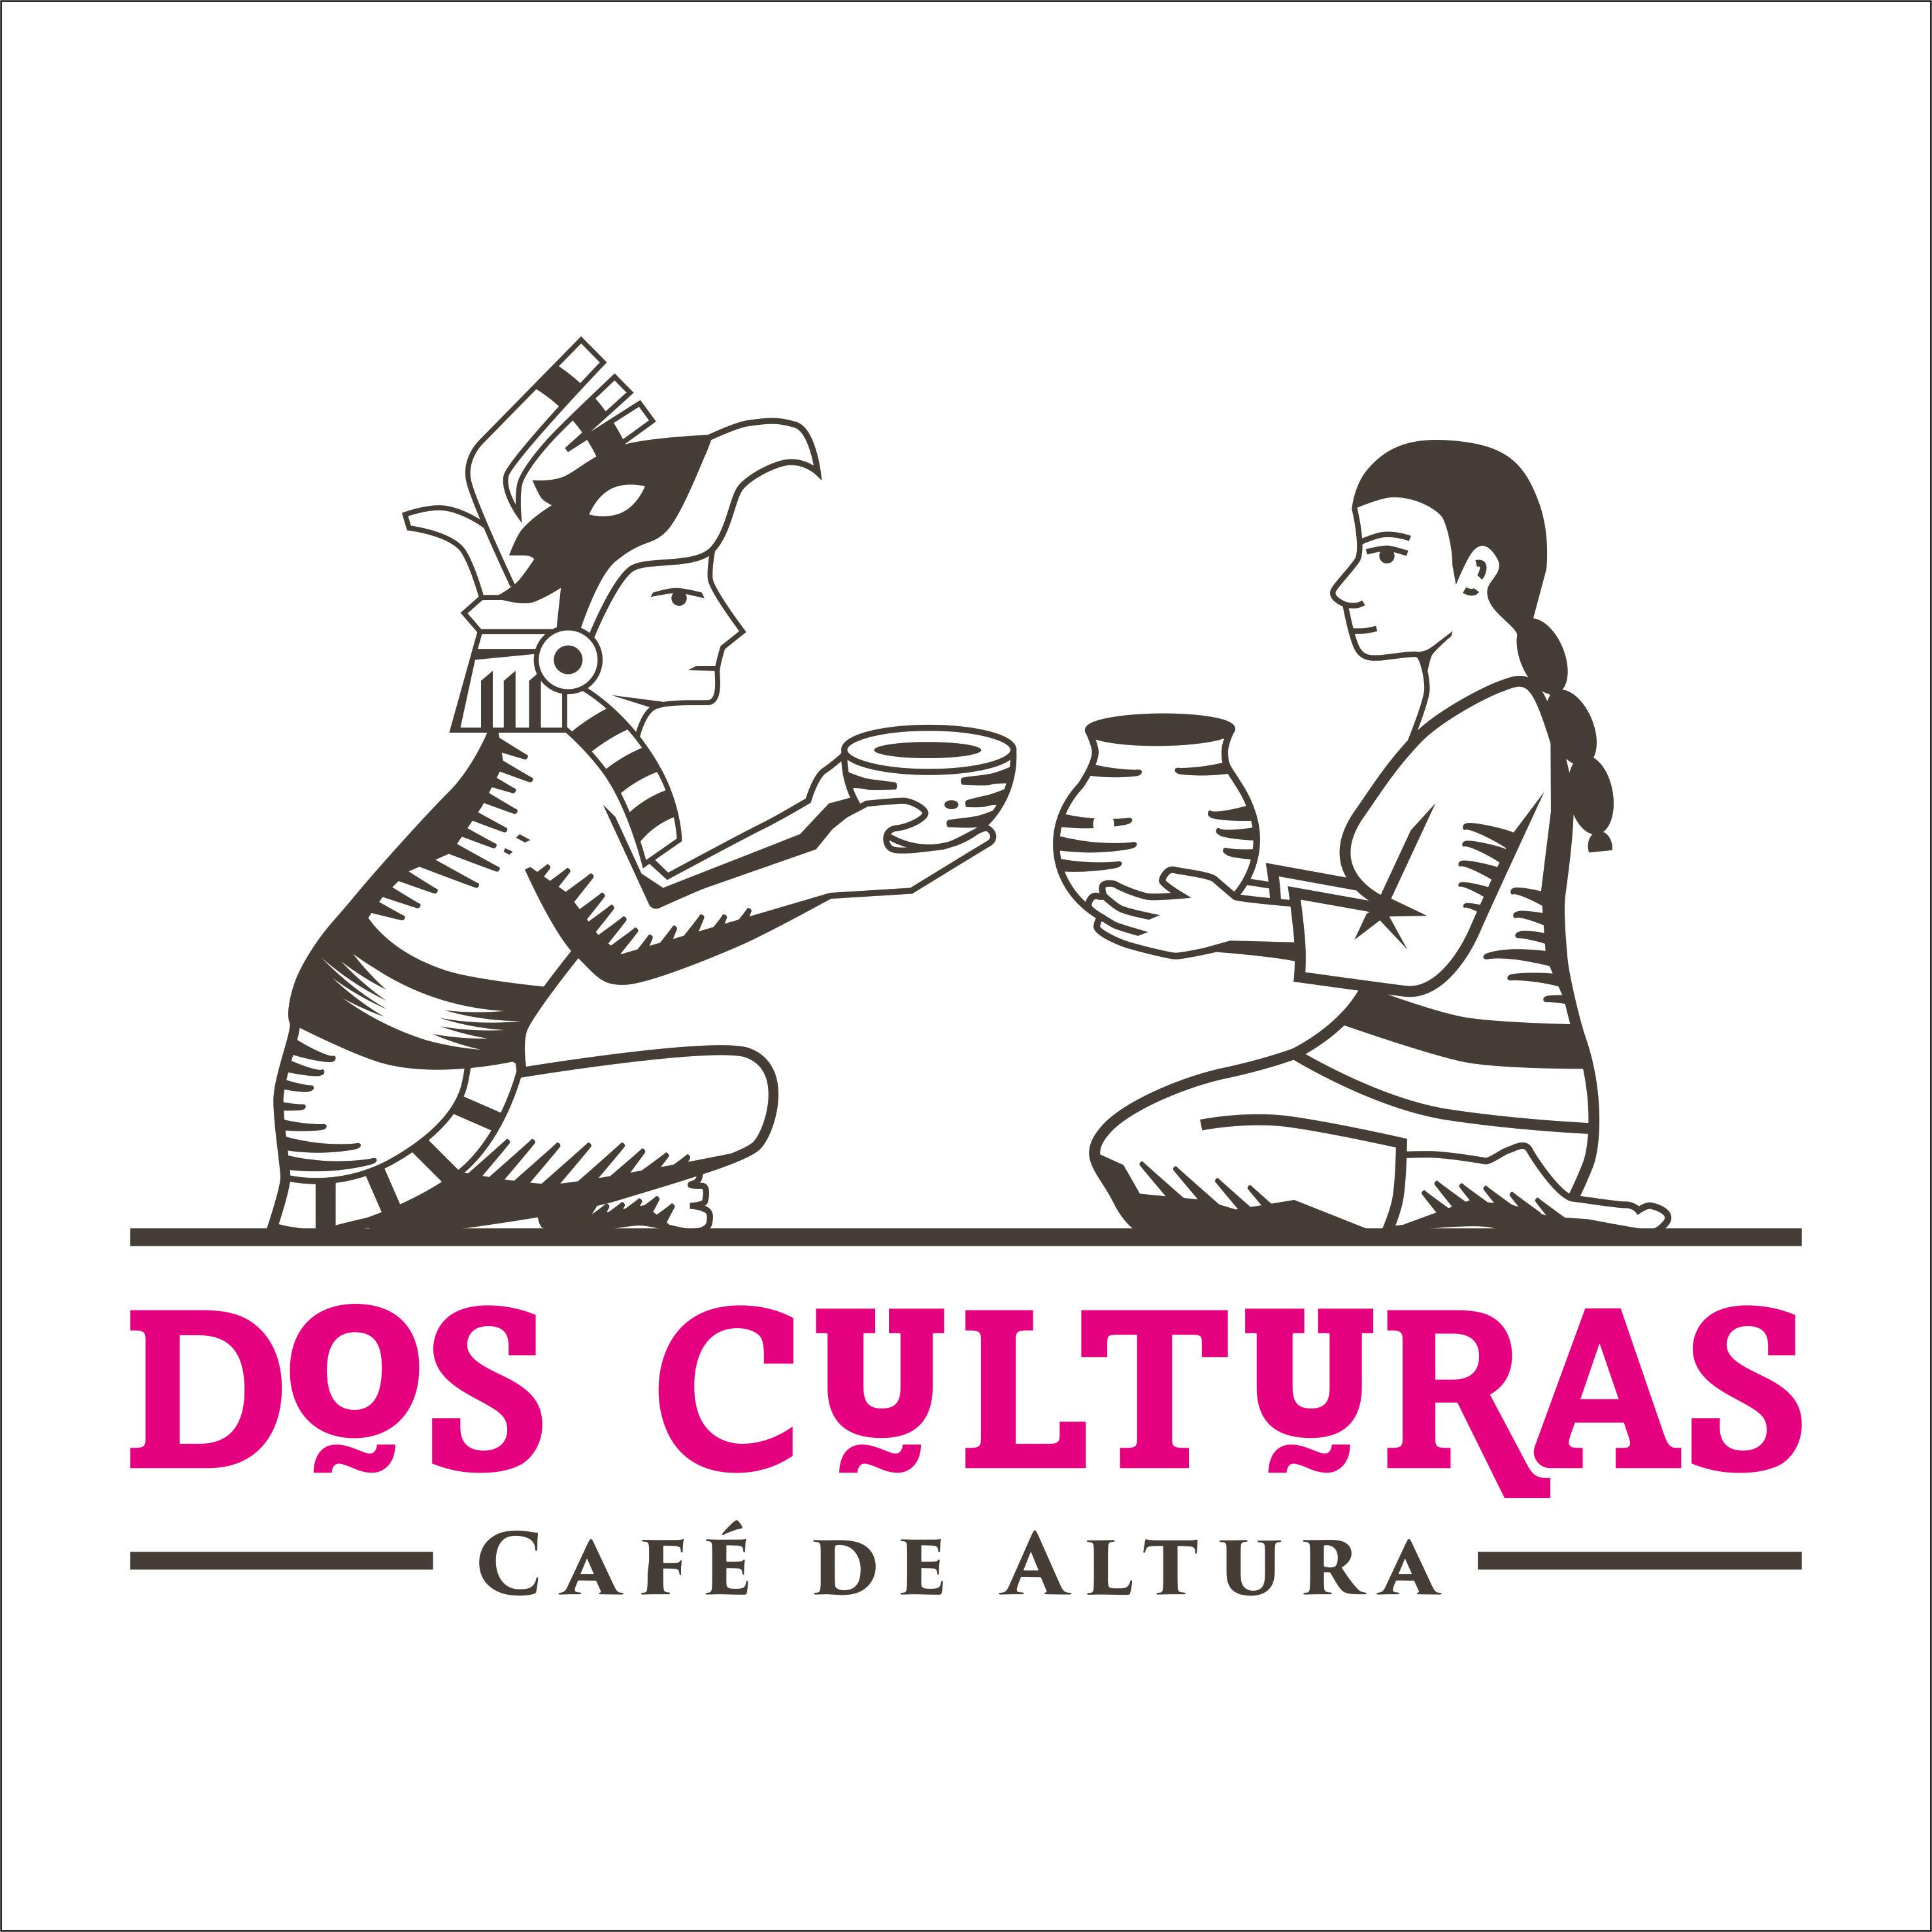 CAFÉ DOS CULTURAS